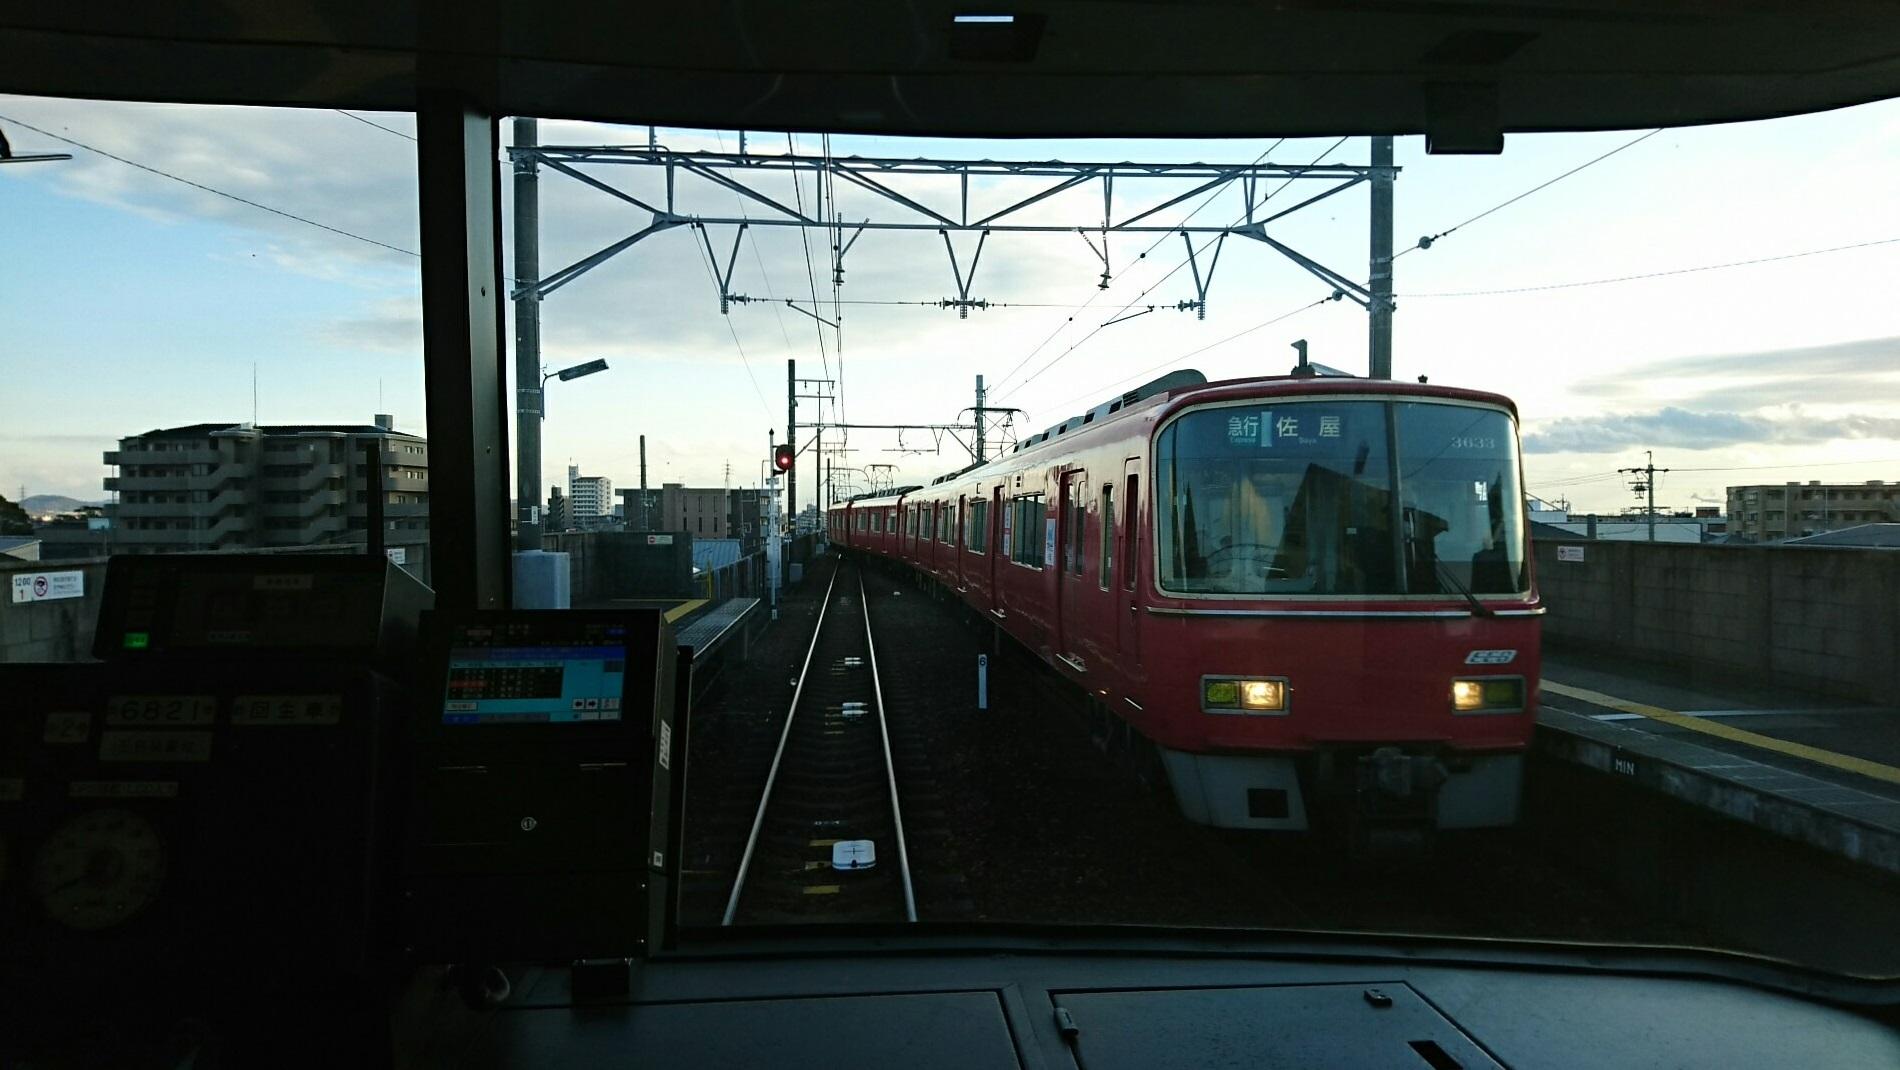 2018.2.11 西尾線 (6) 西尾いきふつう - みなみあんじょう(佐屋いき急行) 1900-1070